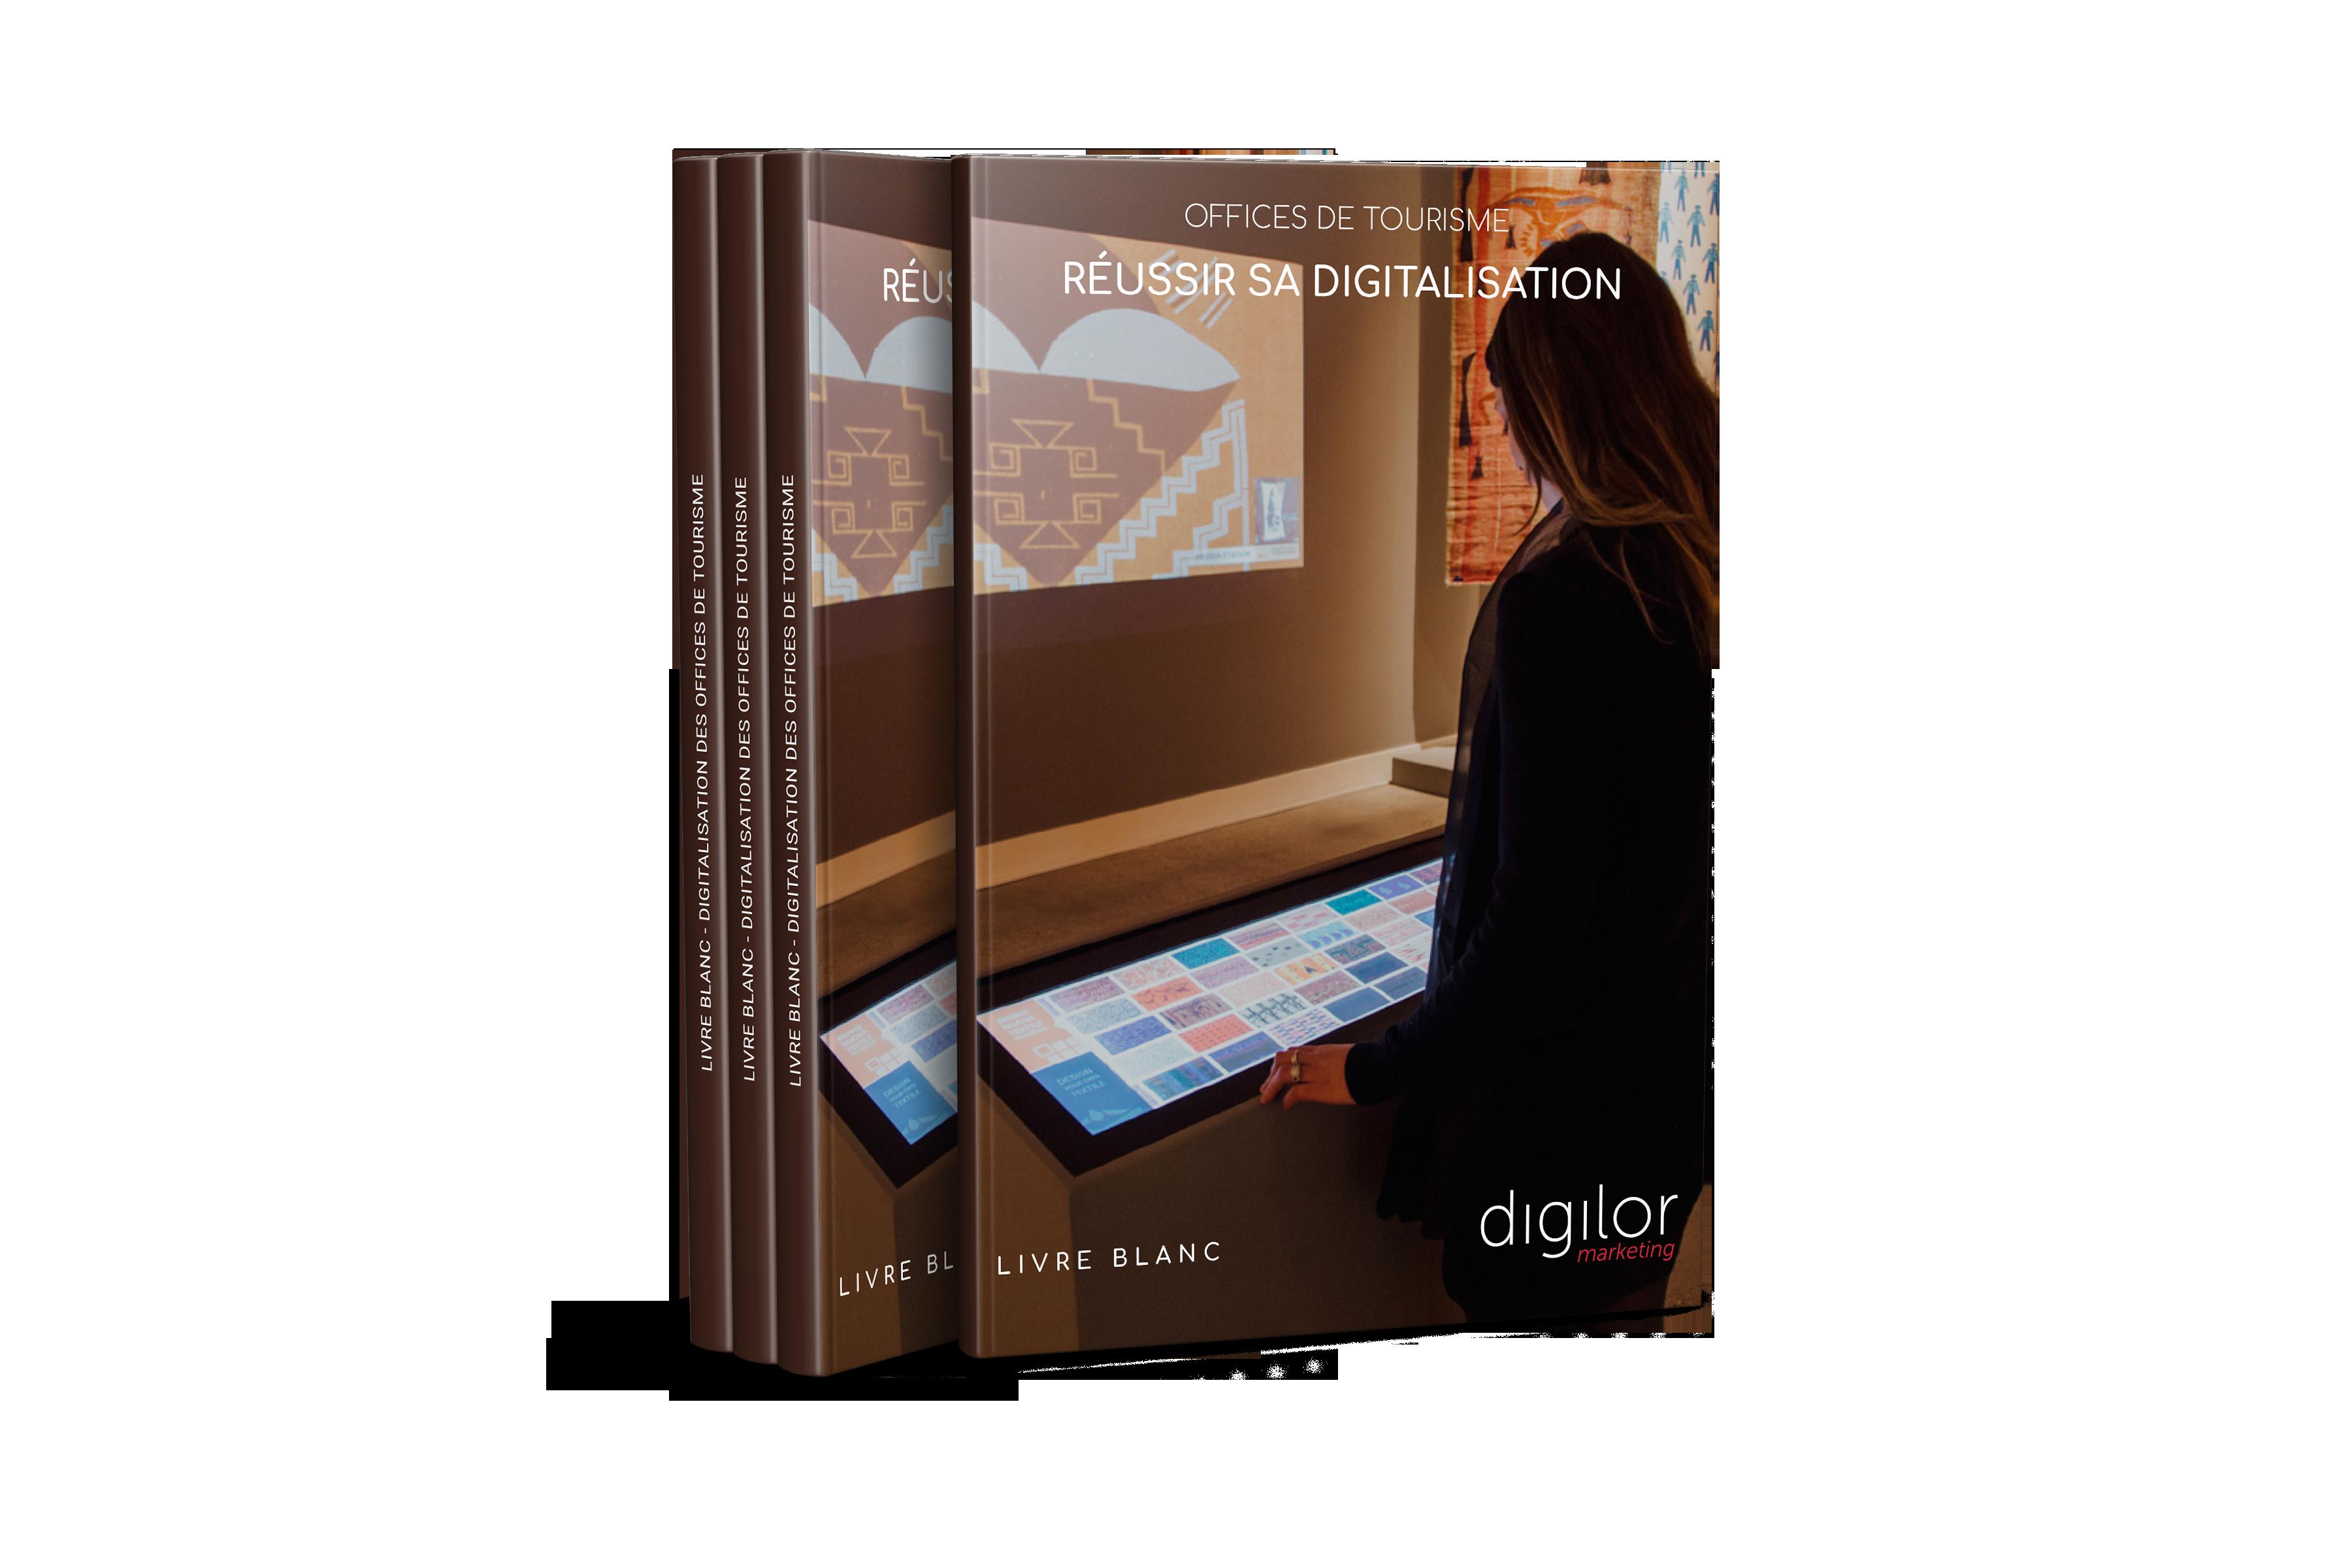 Livre blanc digitalisation offices de tourisme 3D